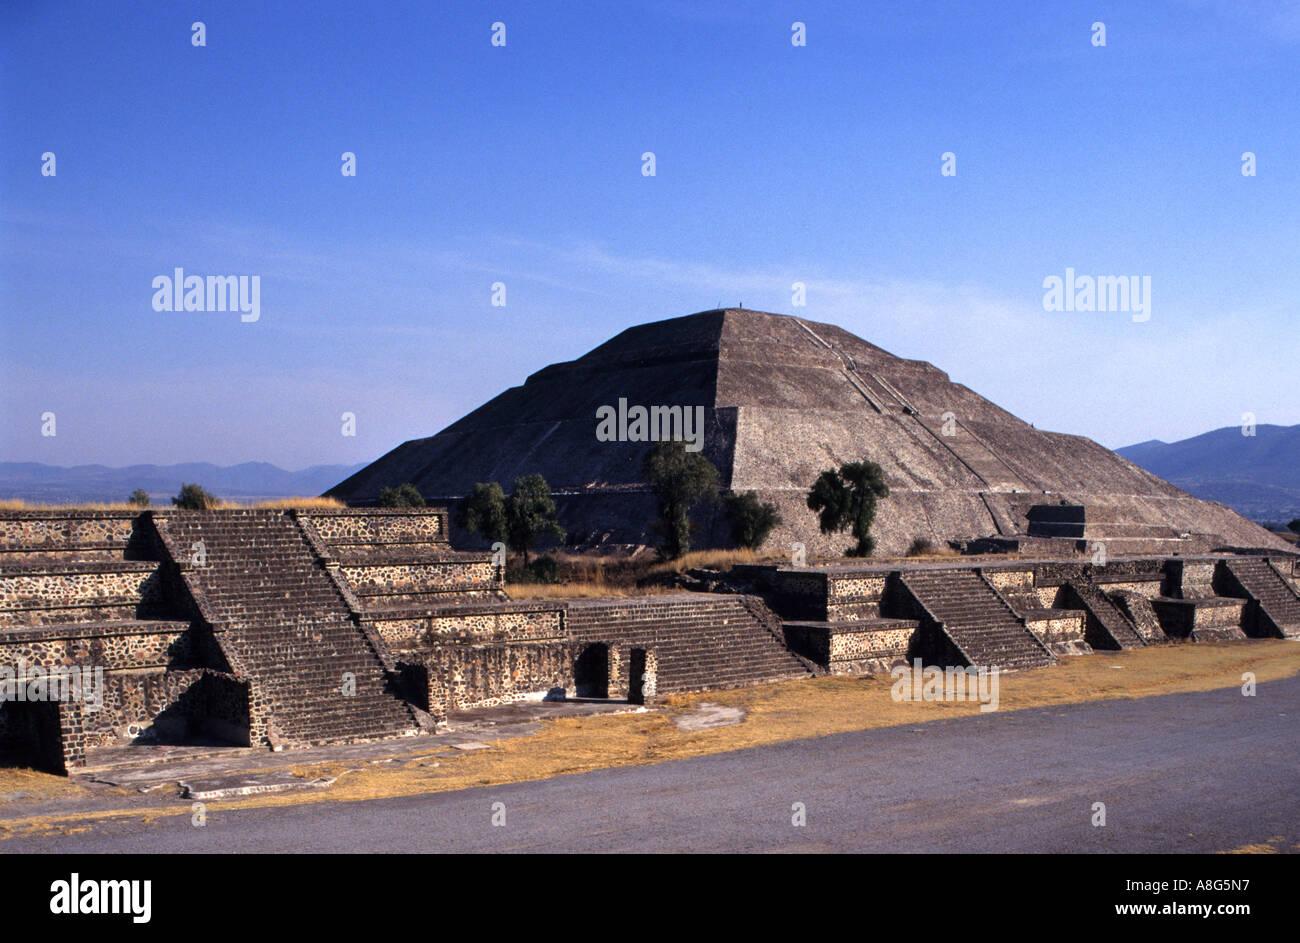 Mexiko Theotiuacan Allee der Toten Pyramide der Sonne Mond aztekischen Chachapoya-Stadt der Götter Stockfoto